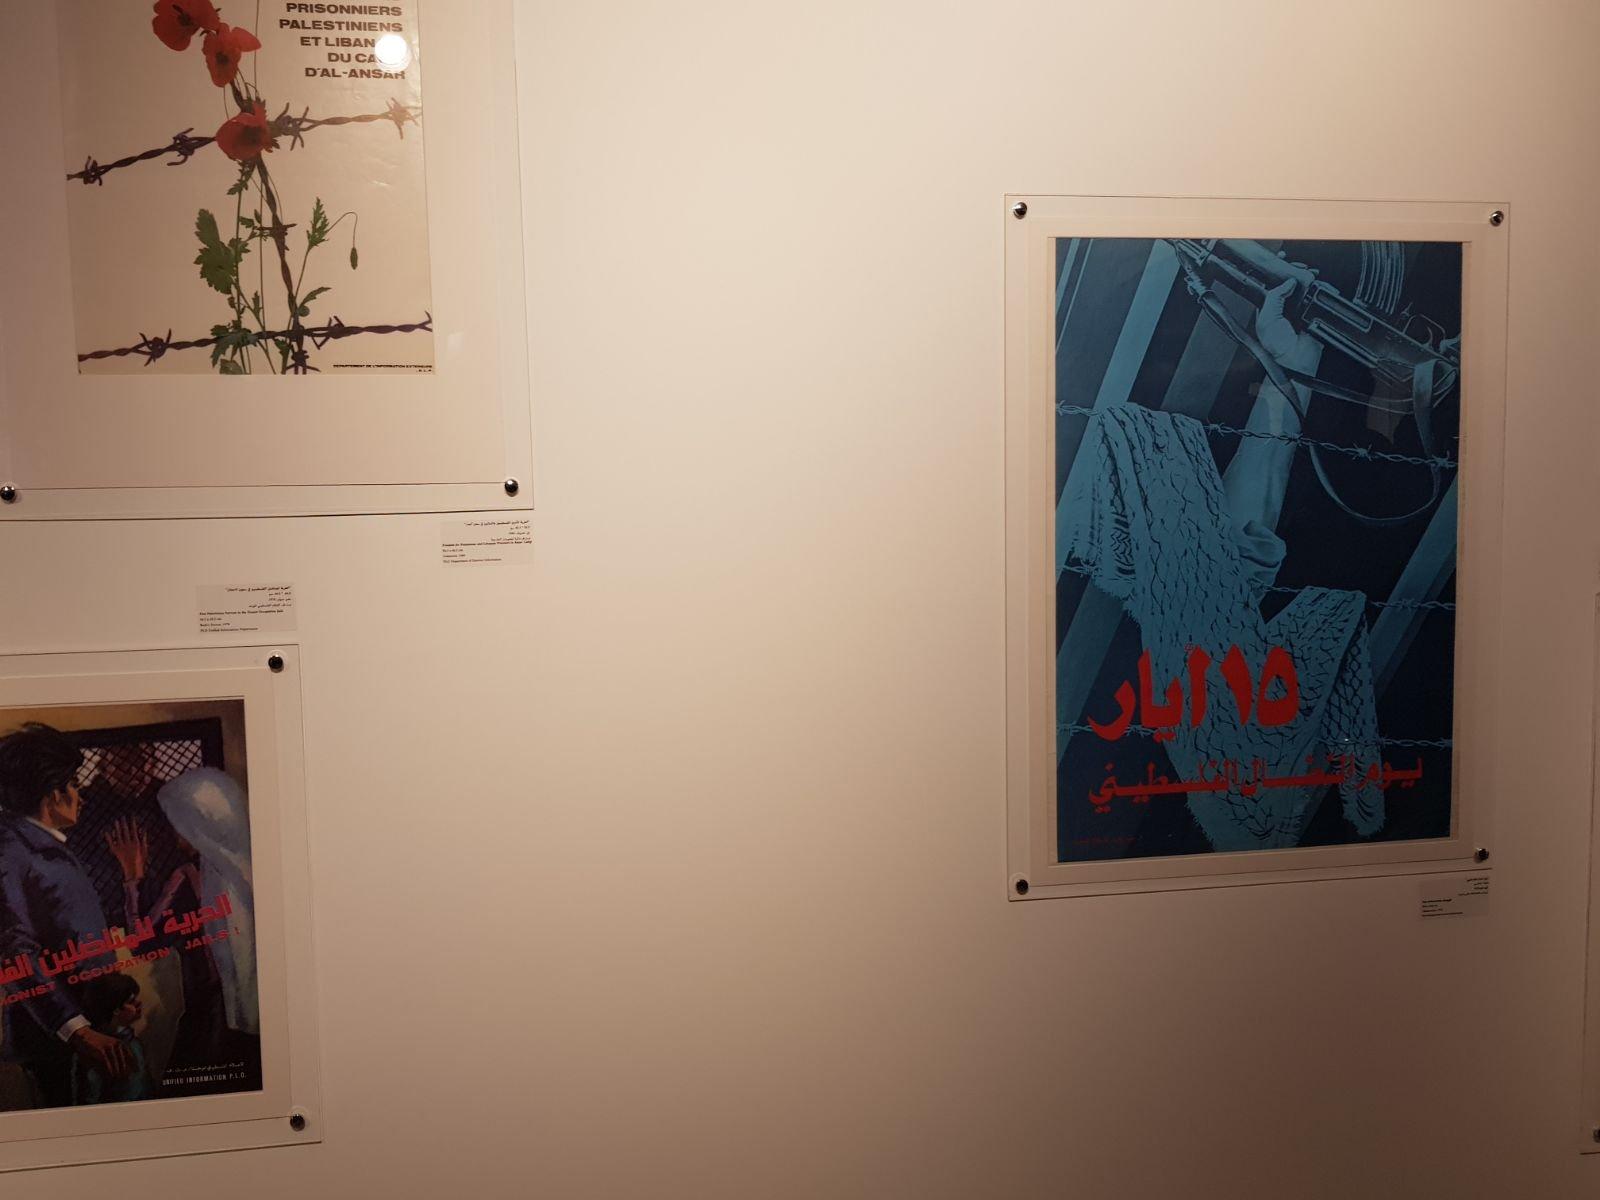 معرض يصور الأفكار والمفاهيم المتعلقة بالثورة الفلسطينية في عقدي السبعينات والثمانيات-2